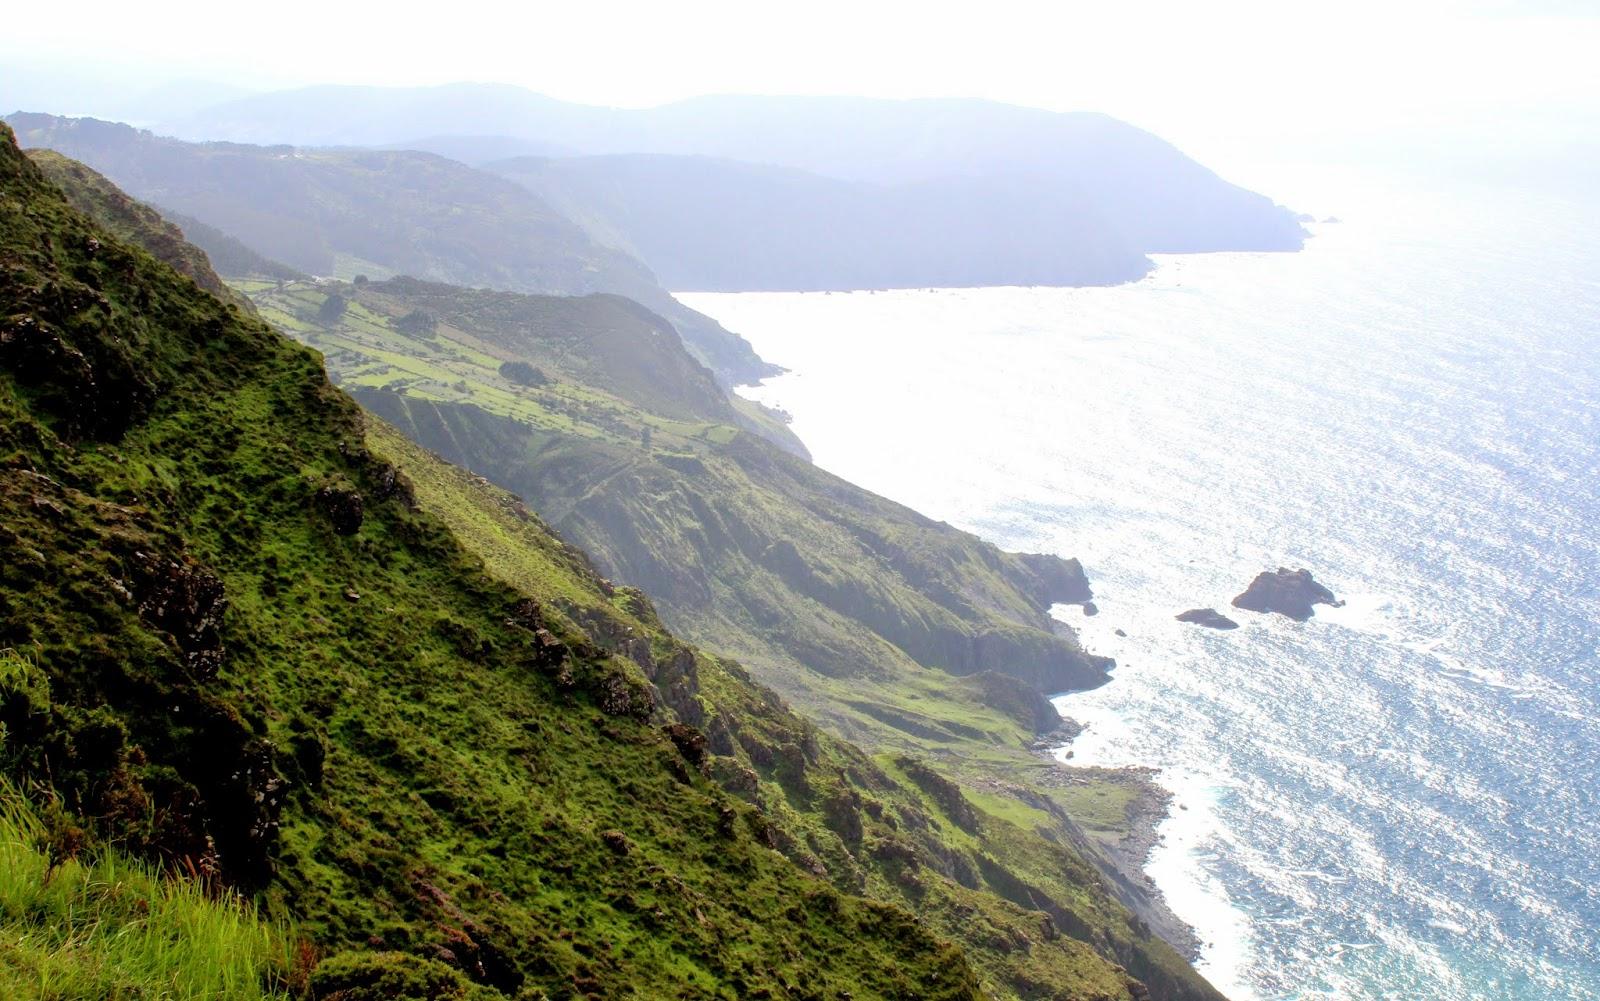 Acantilados de Brixia de Herbeira en la Costa Ártabra